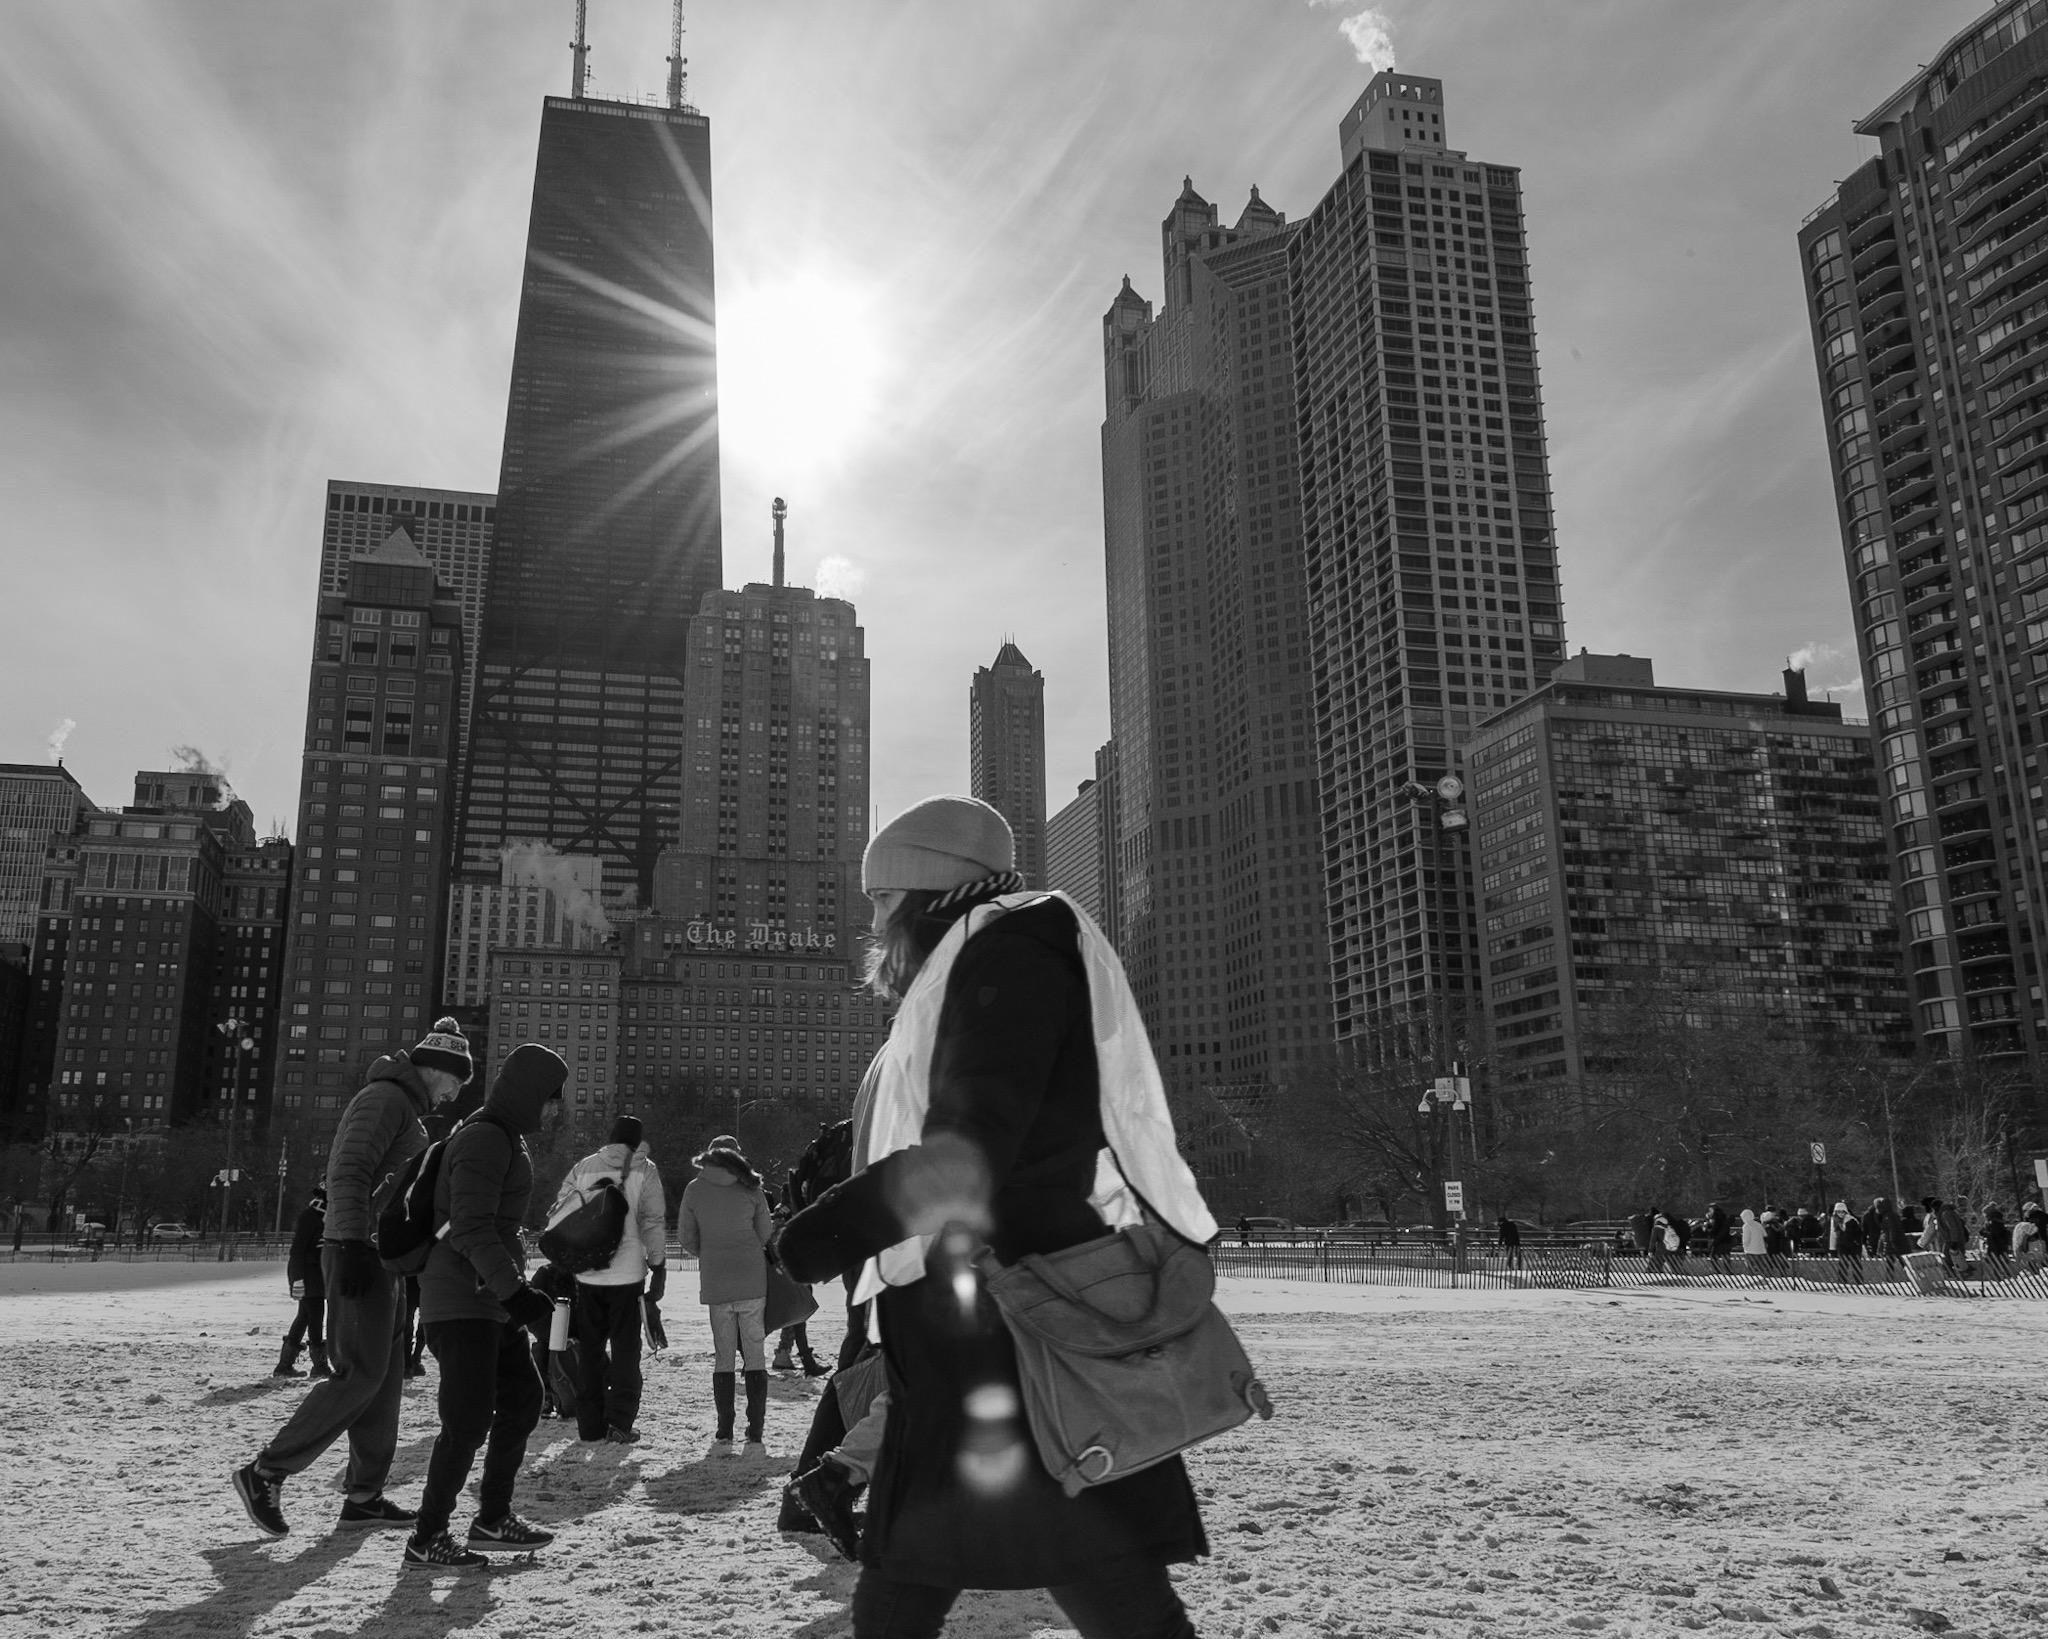 2019 chicago polar plunge